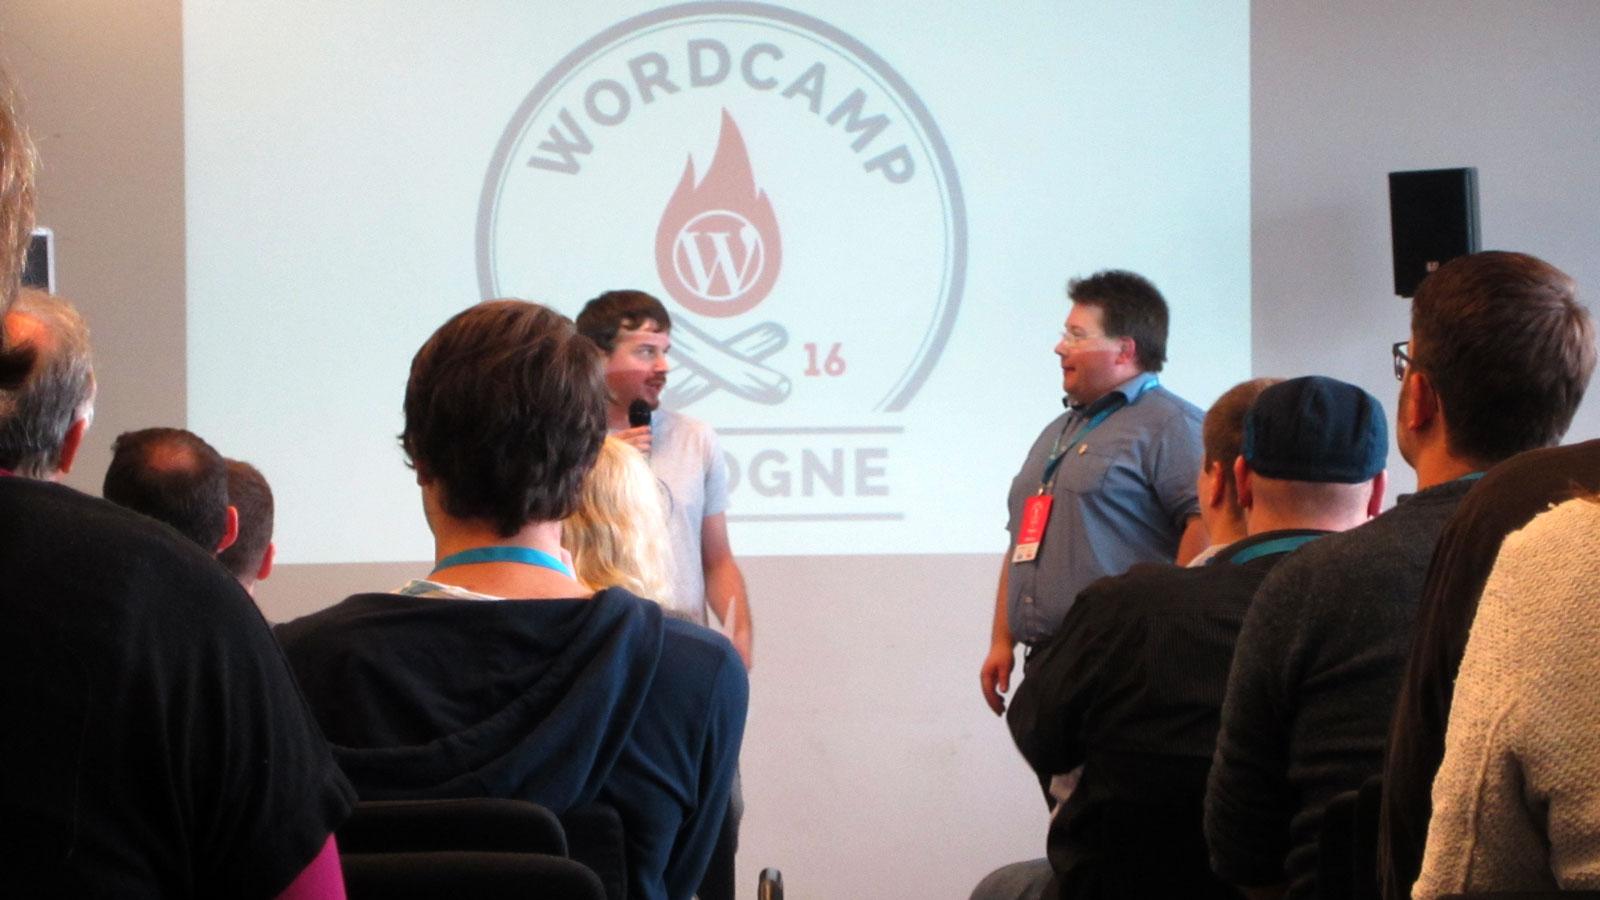 Morgensession beim WordCamp Köln 2016 mit den Organisatoren Thomas Reeh und Thomas Brühl